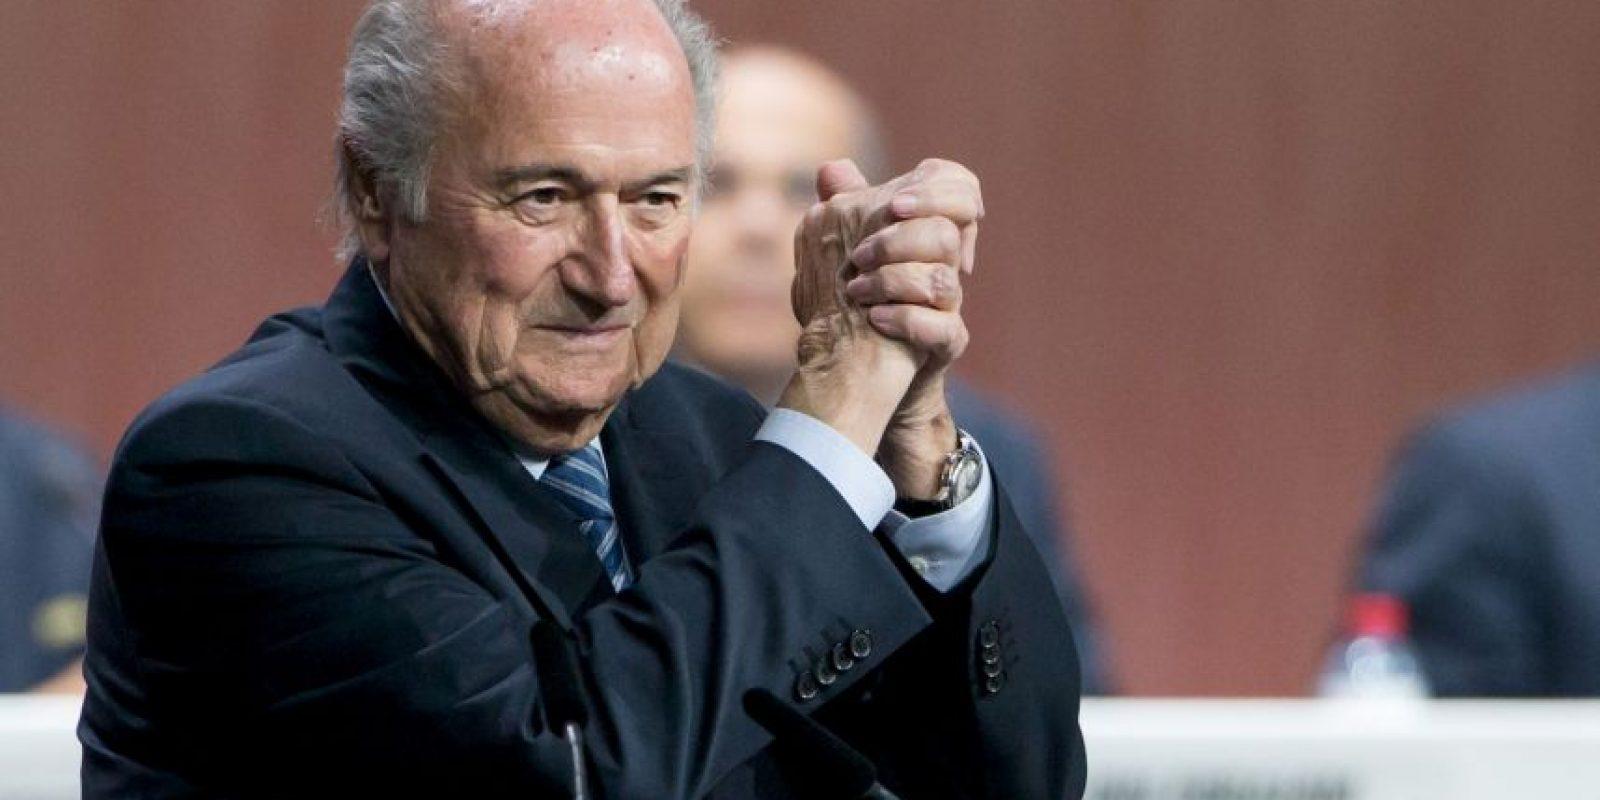 """En medio del escándalo de corrupción que envuelve a la FIFA, Joseph Blatter recibió una acusación más, luego de que un exempleado del organismo revelara que el dirigente suizo usara el proyecto """"Goal"""" para comprar votos. Foto:Getty Images"""